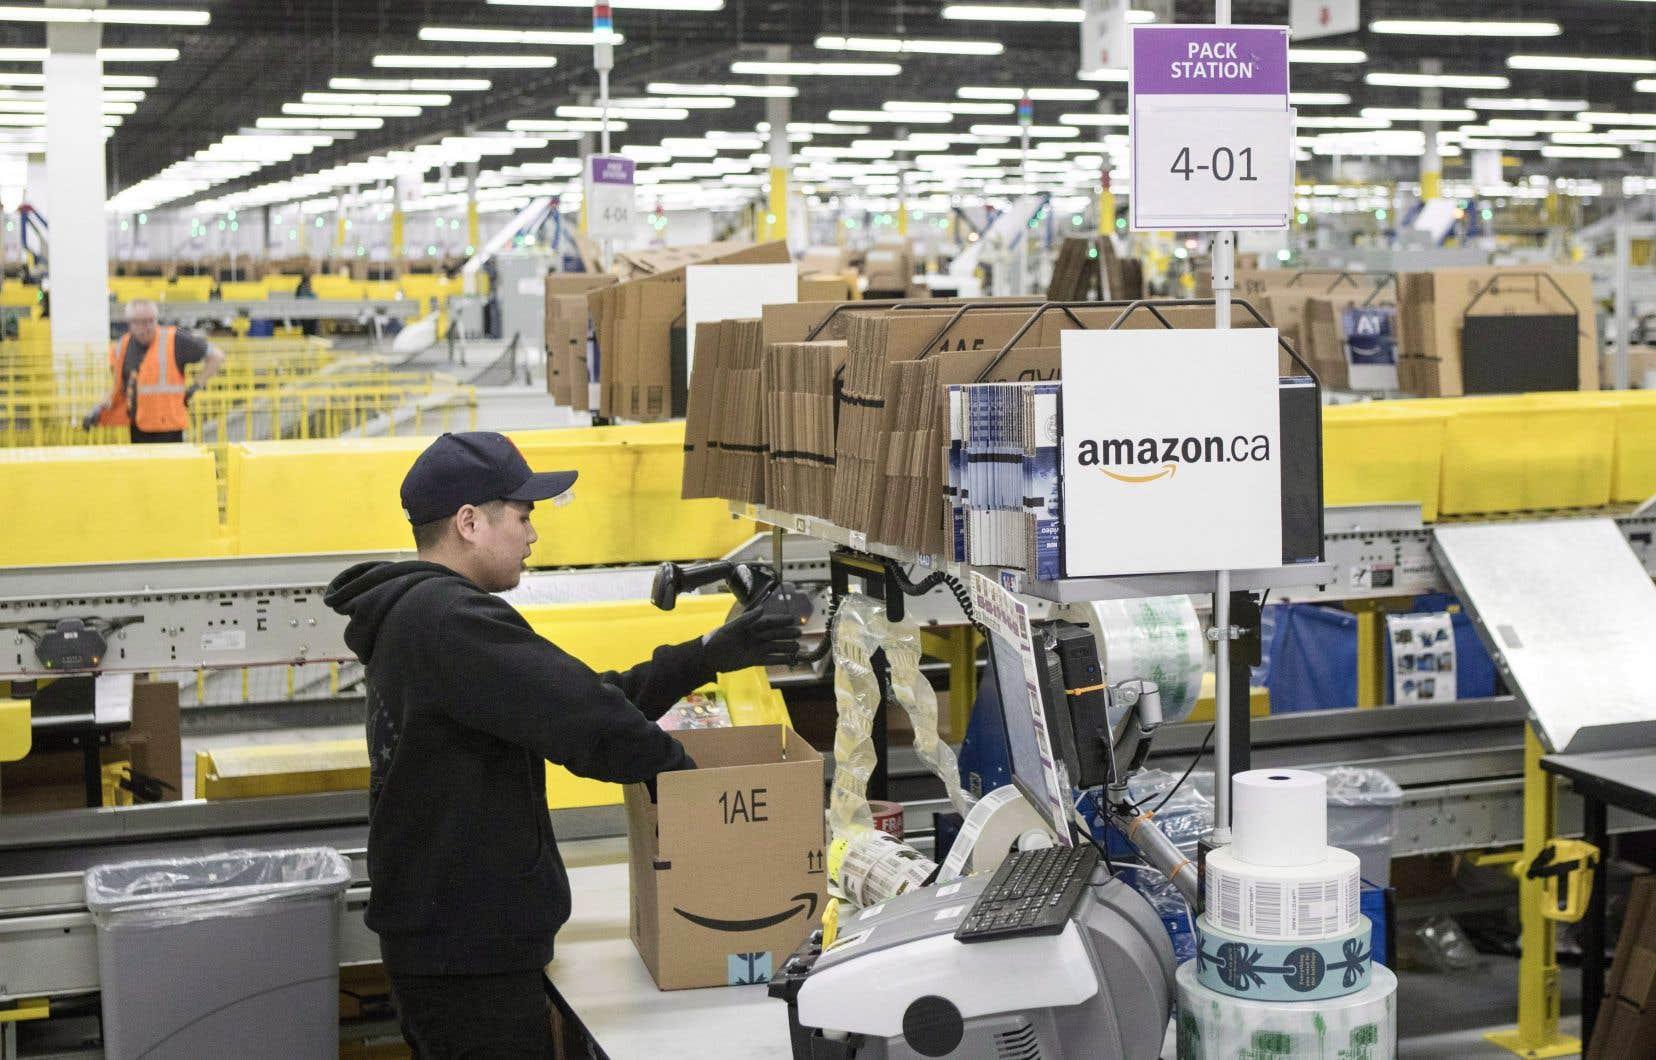 Amazon Canada compte actuellement 25000 employés à temps plein et à temps partiel dans 25 communautés réparties dans cinq provinces.